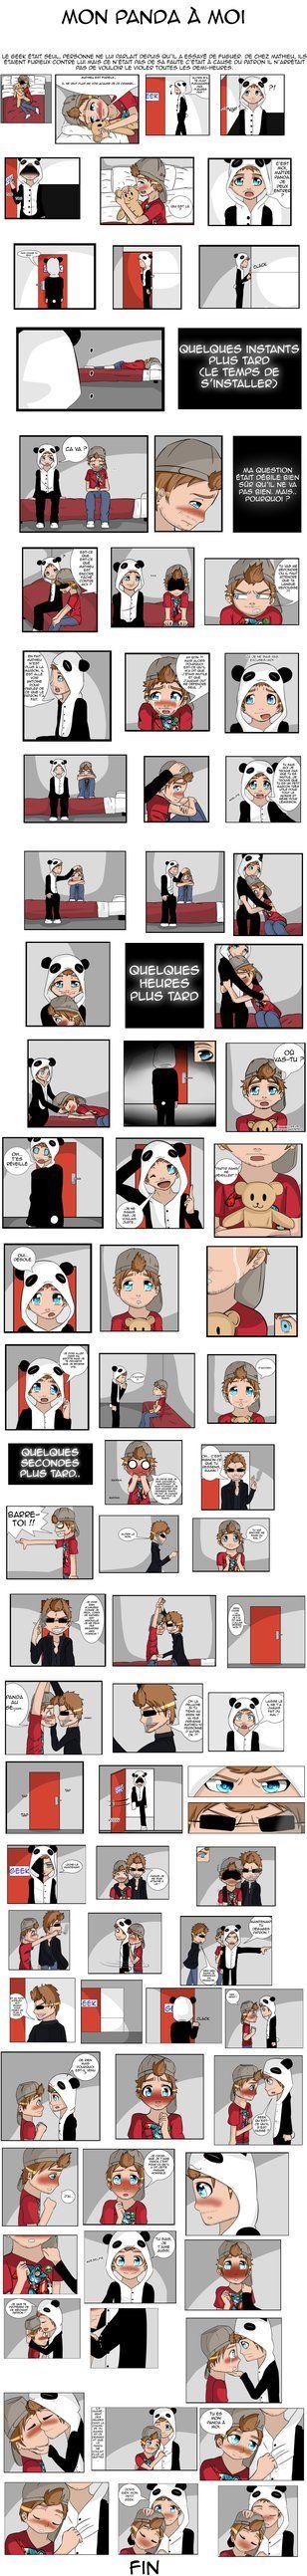 BD SLG : Mon Panda A Moi by DioLorette on DeviantArt